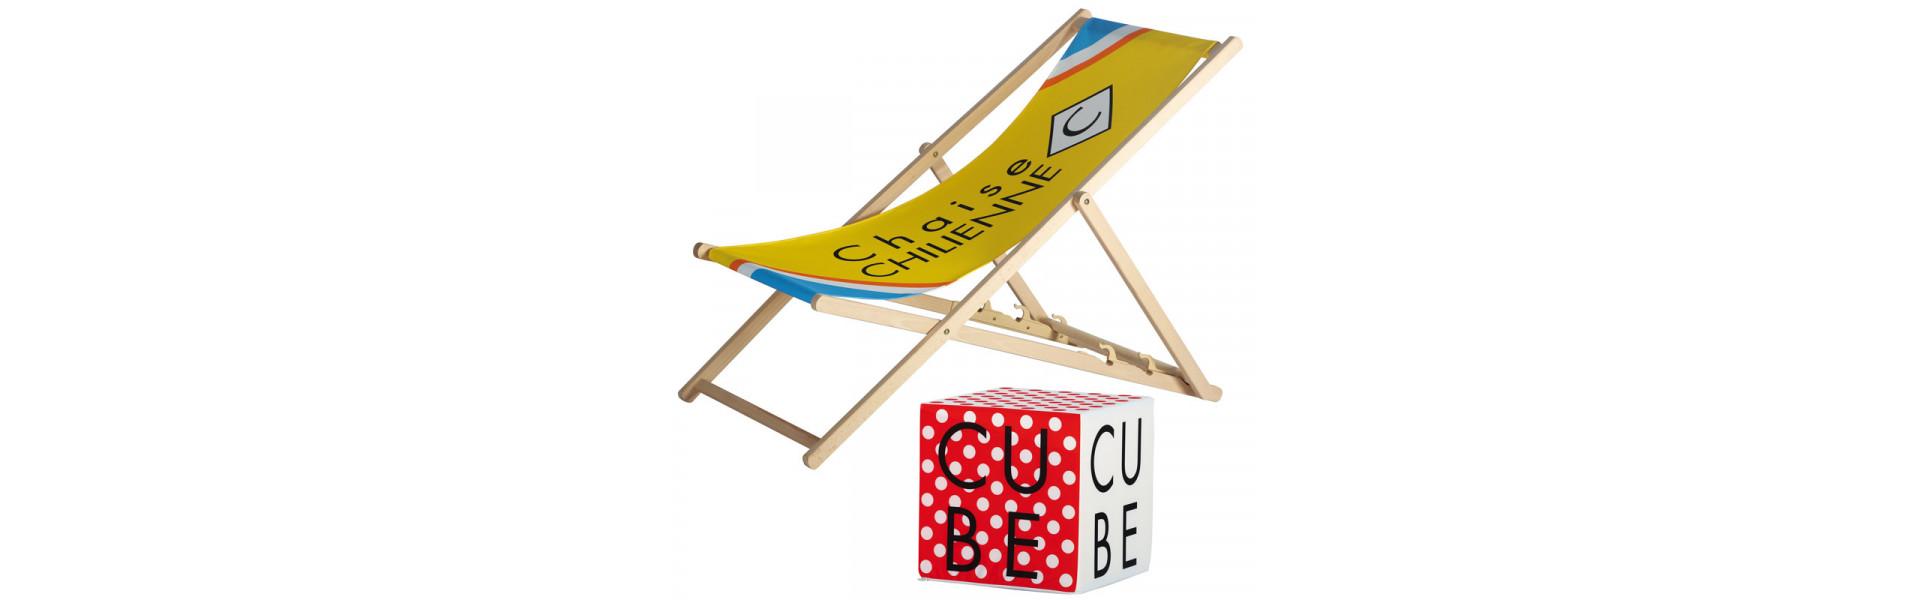 Chaise publicitaire - Cube pouf